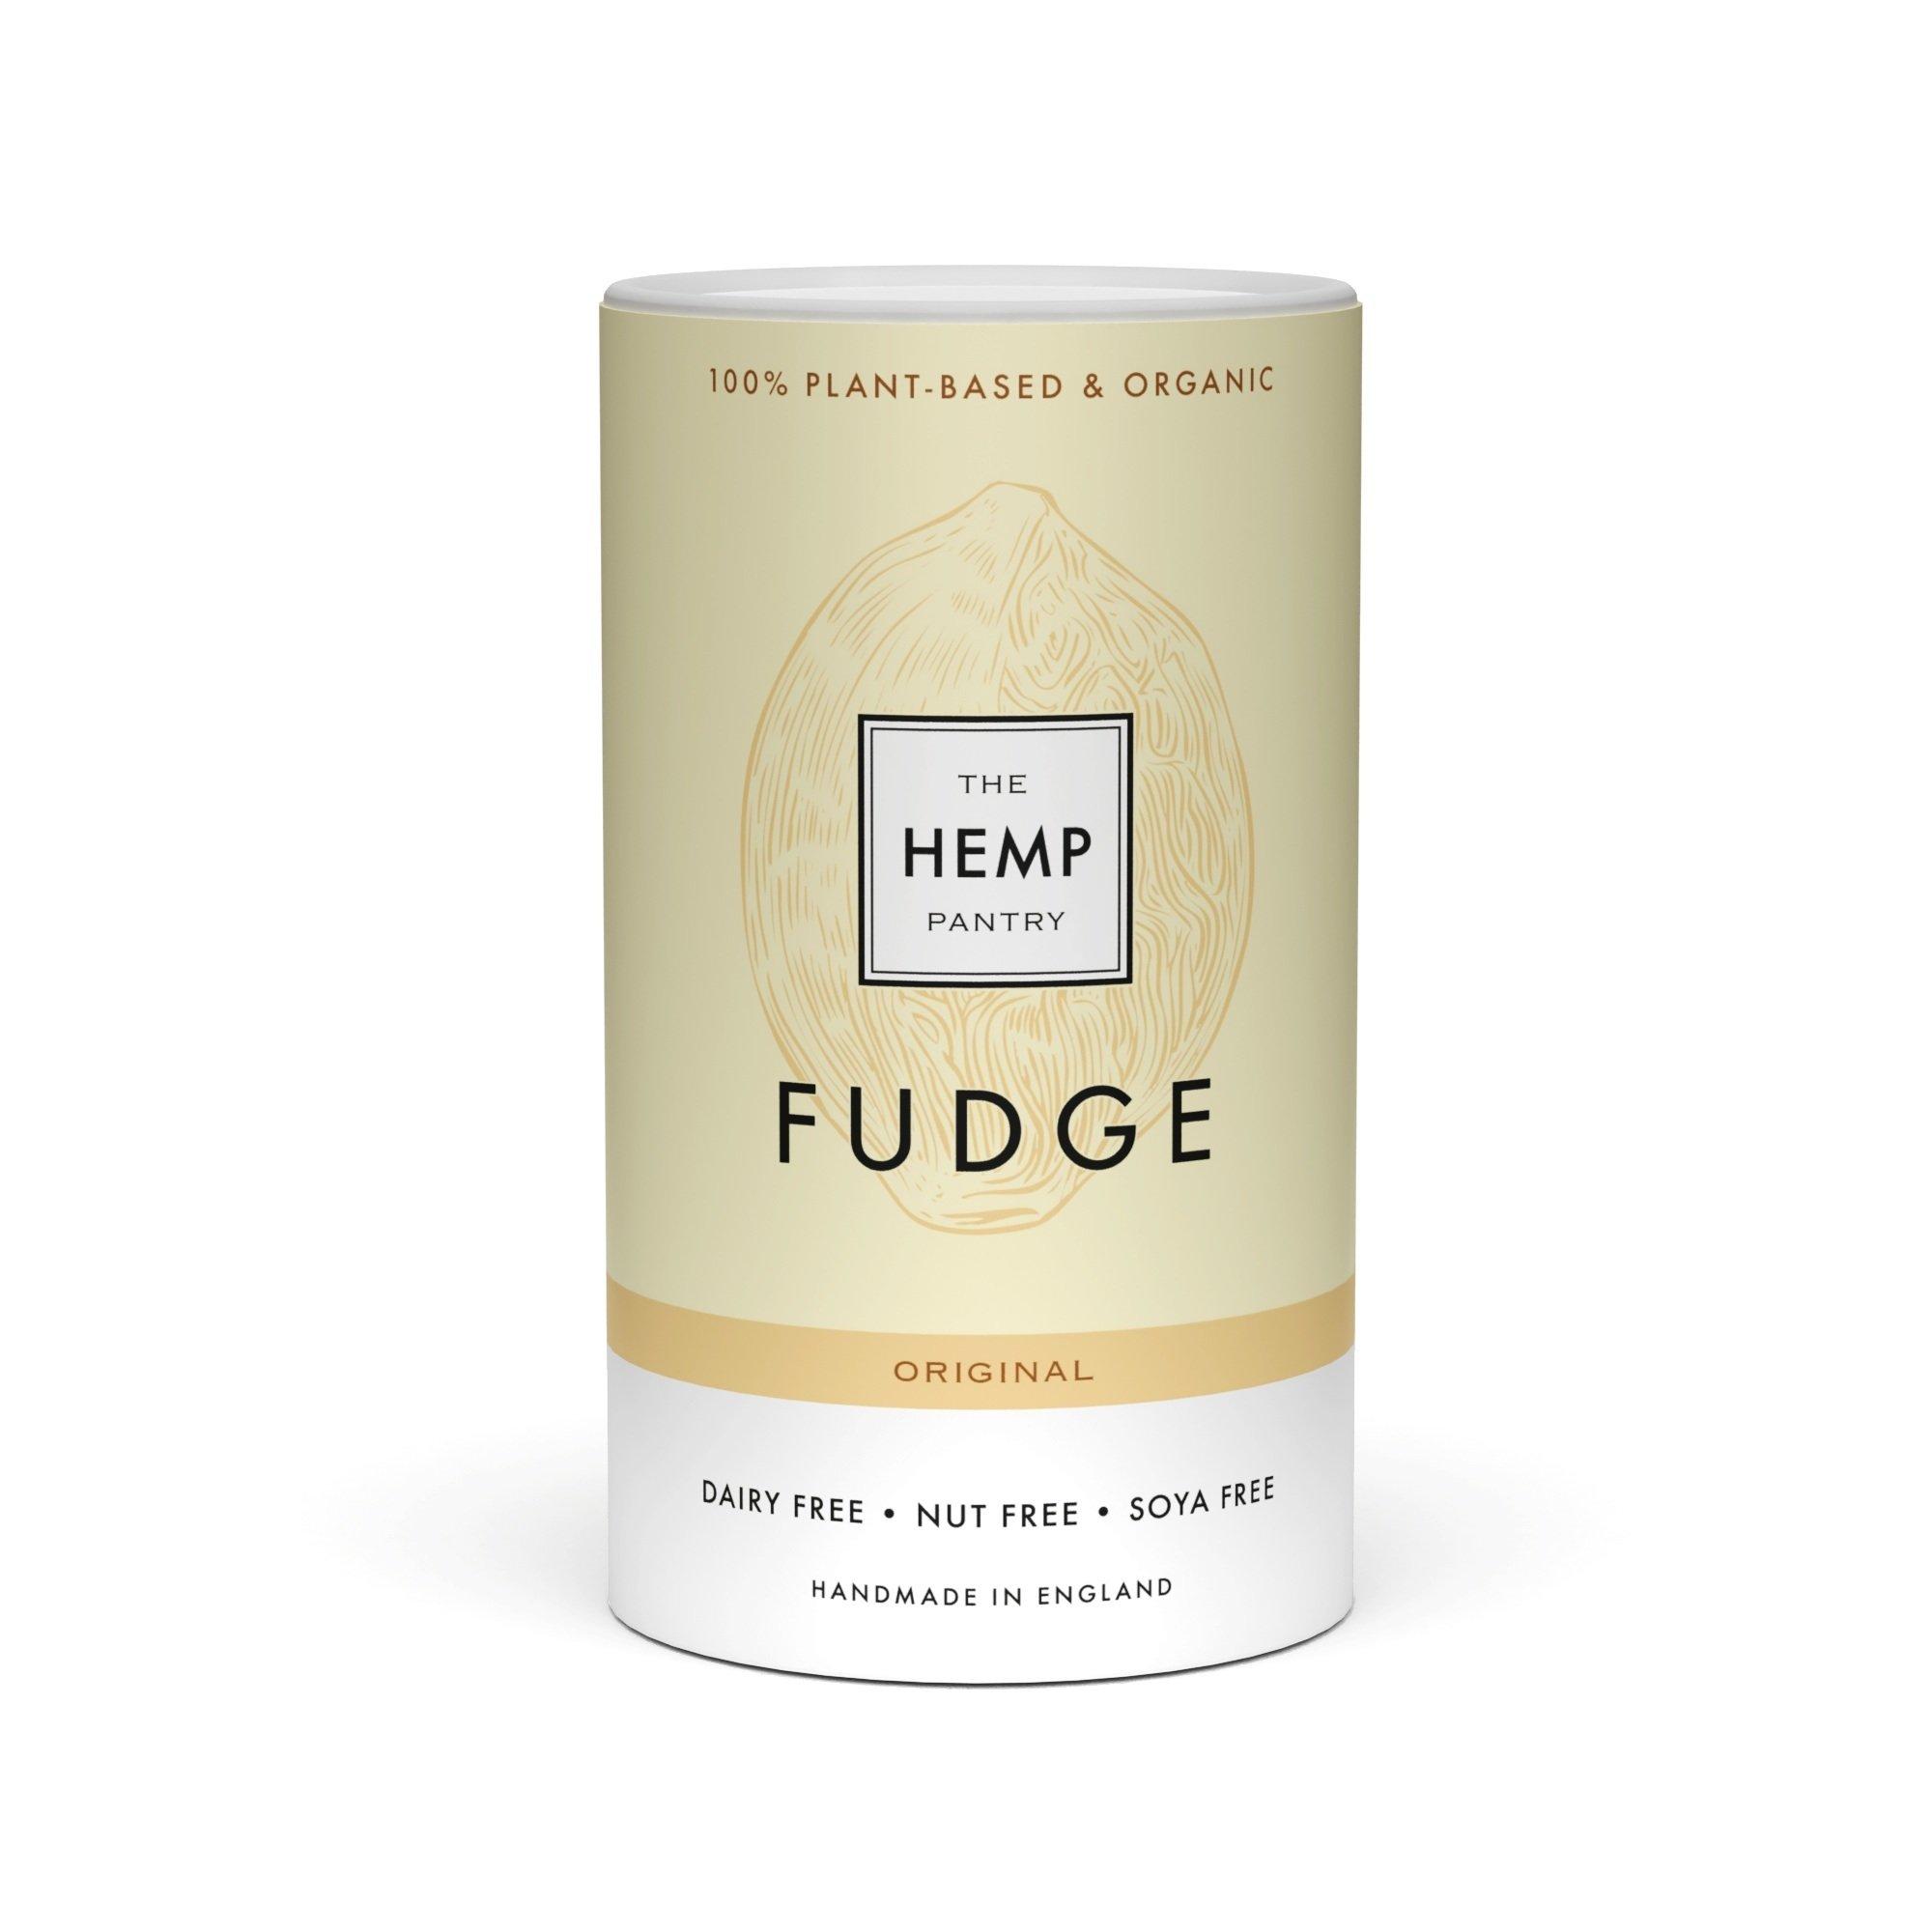 Organic vanilla Vegan Fudge